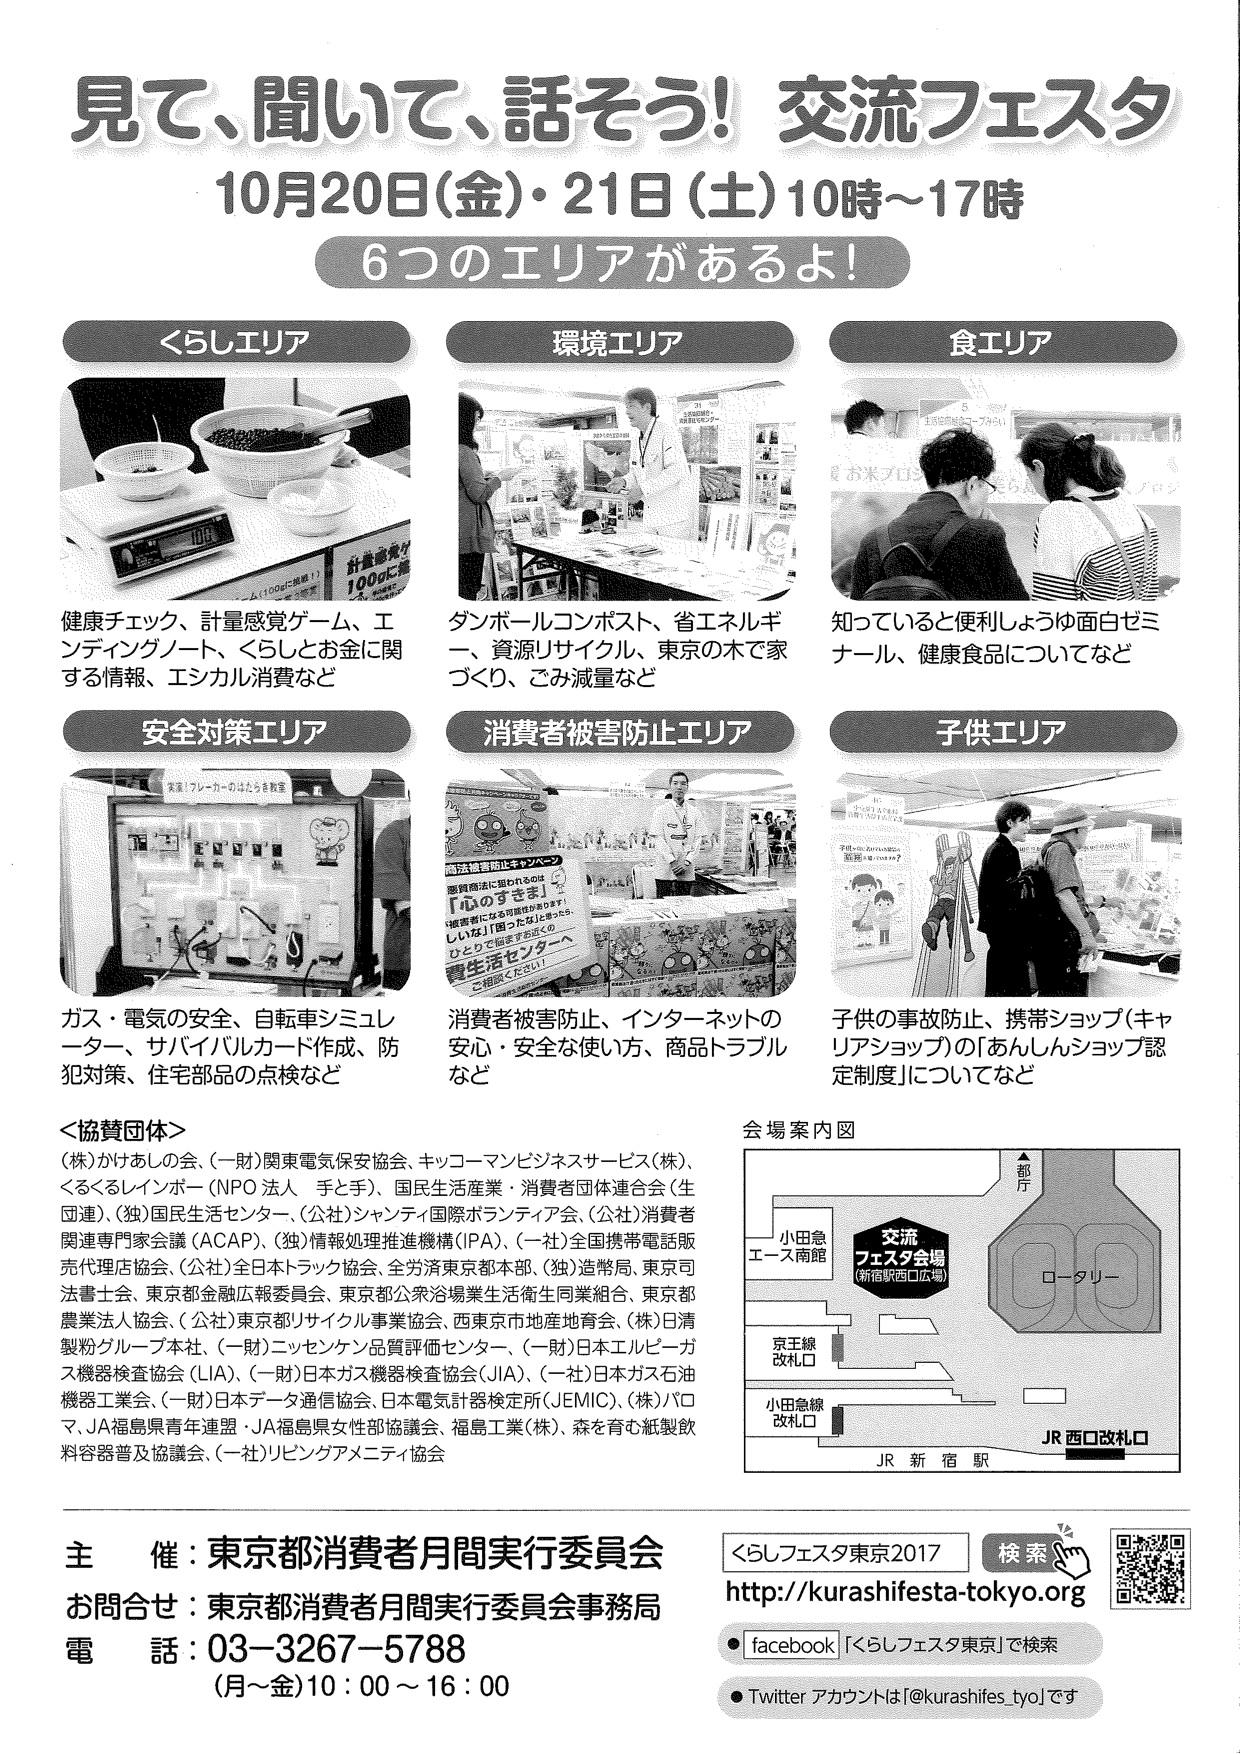 交流フェスタ2017ちらし(裏).jpg